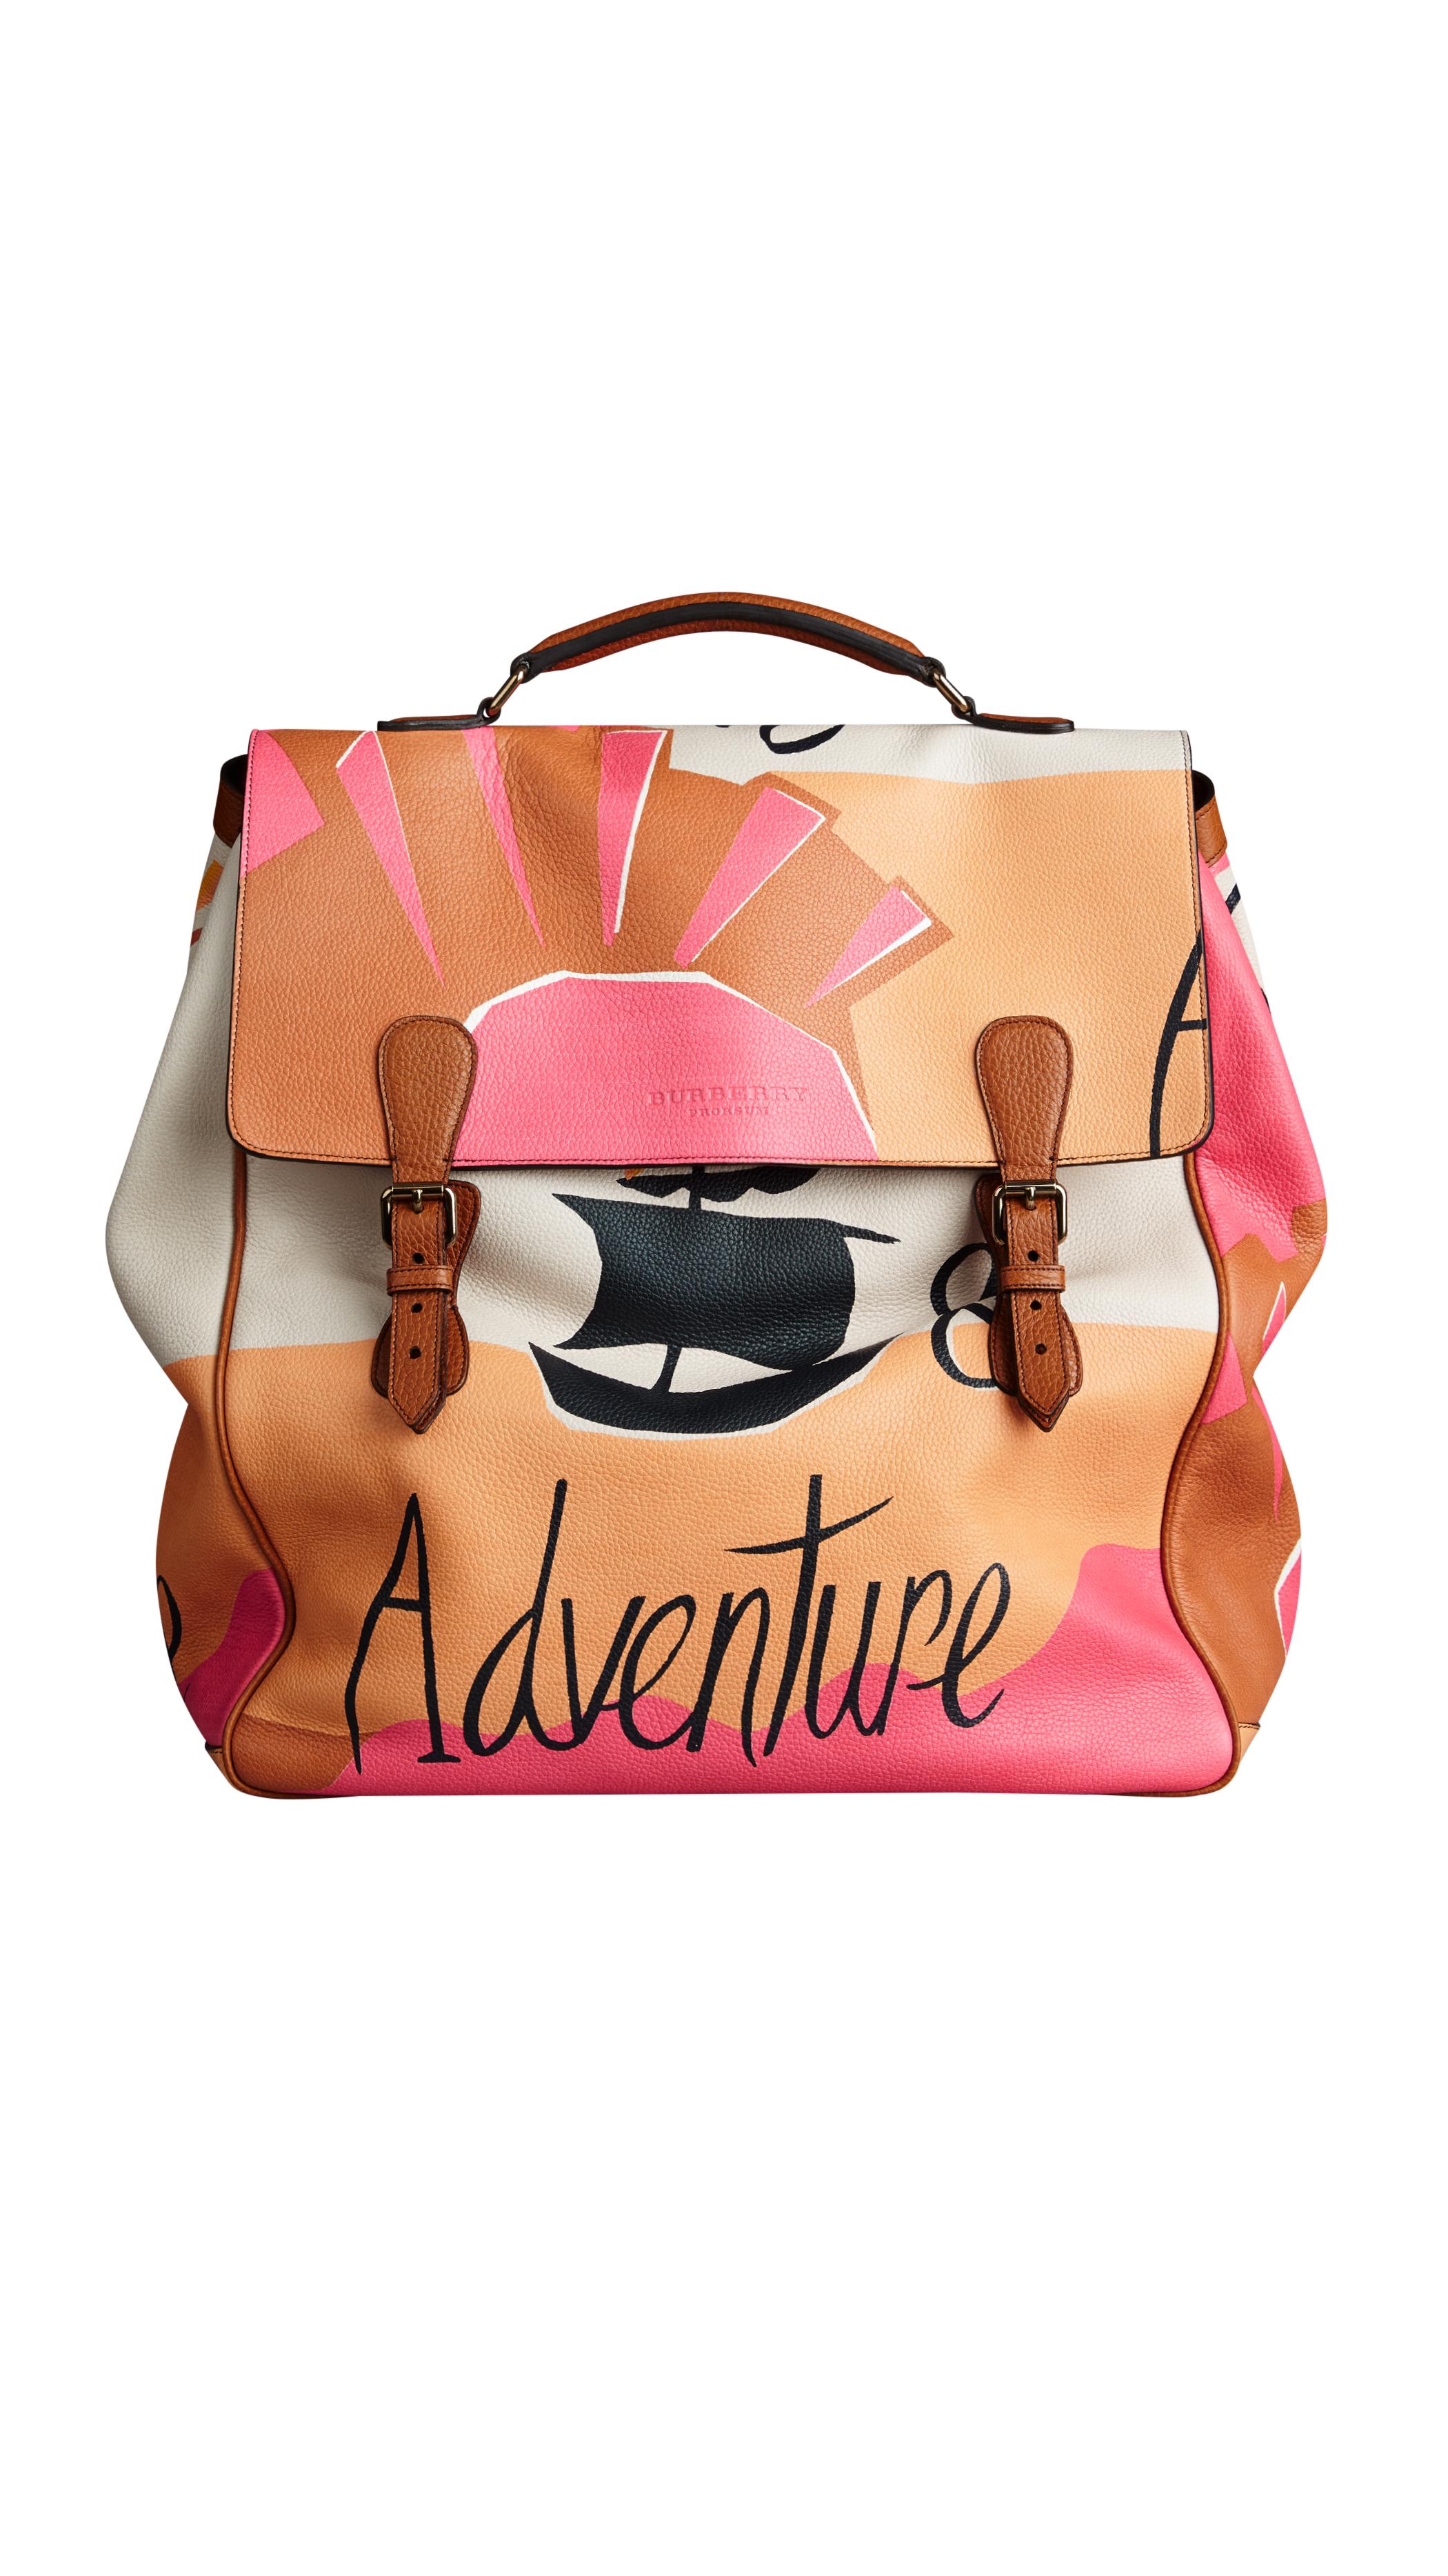 A Burberry menswear bag (Photo: Burberry).